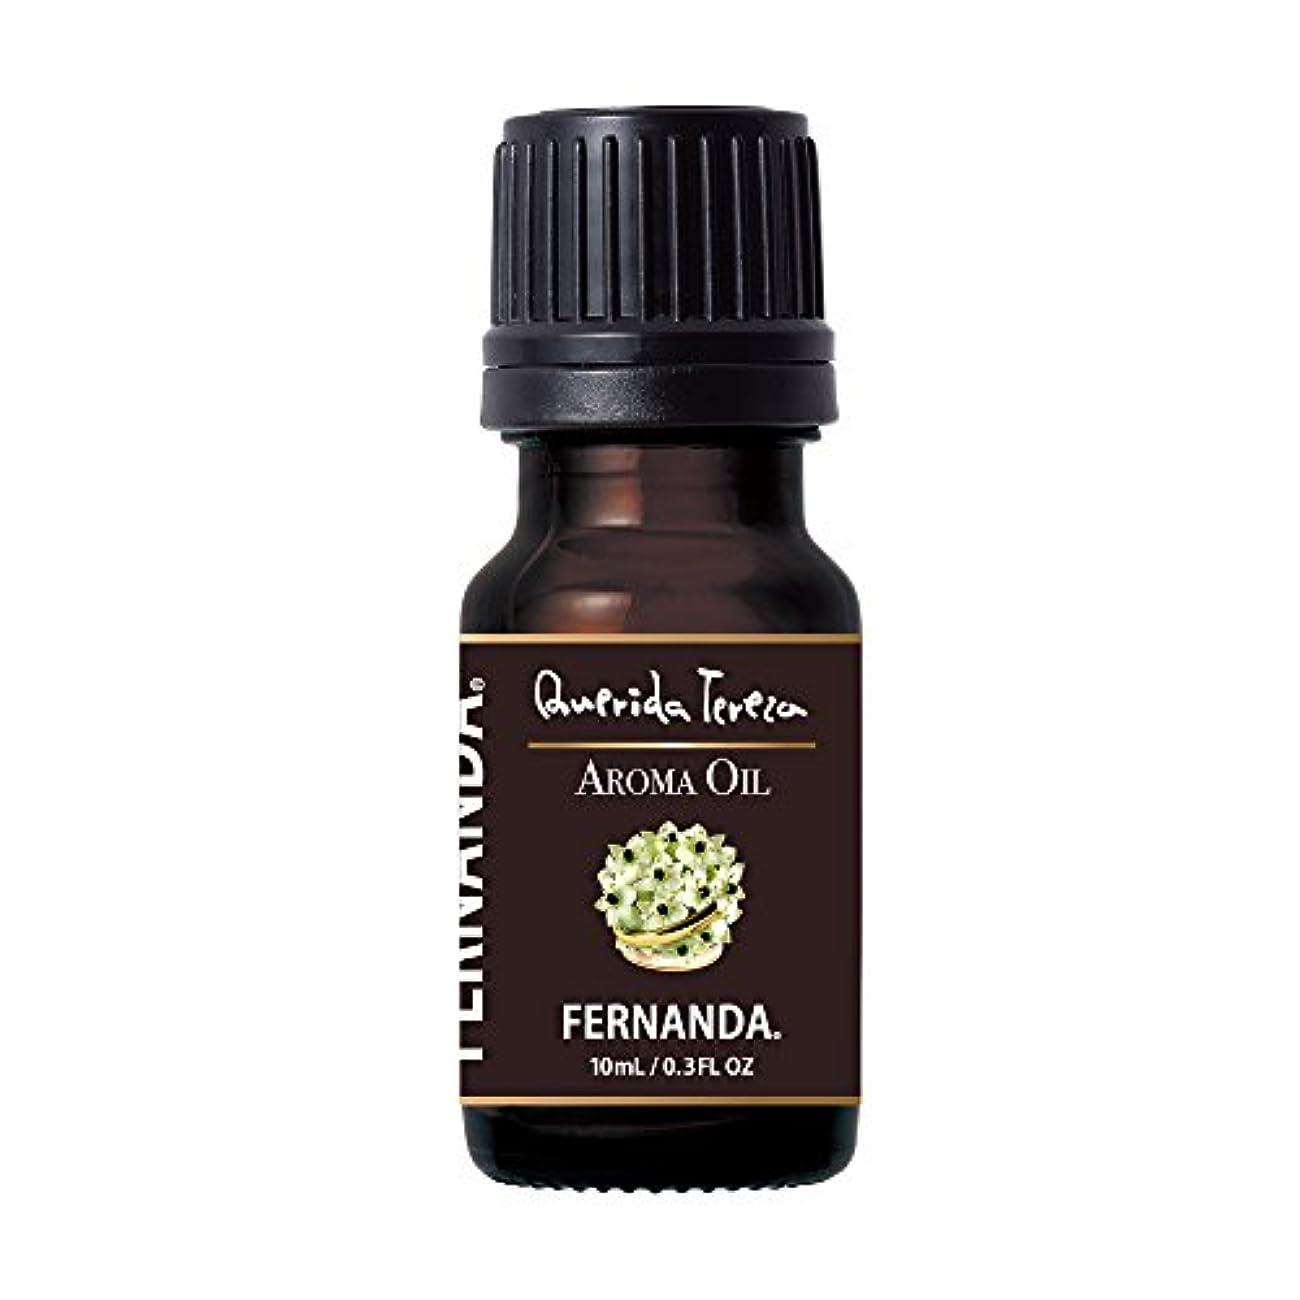 ファシズム体系的に死にかけているFERNANDA(フェルナンダ) Fragrance Aroma Oil Querida Tereza (アロマオイル ケリーダテレーザ)